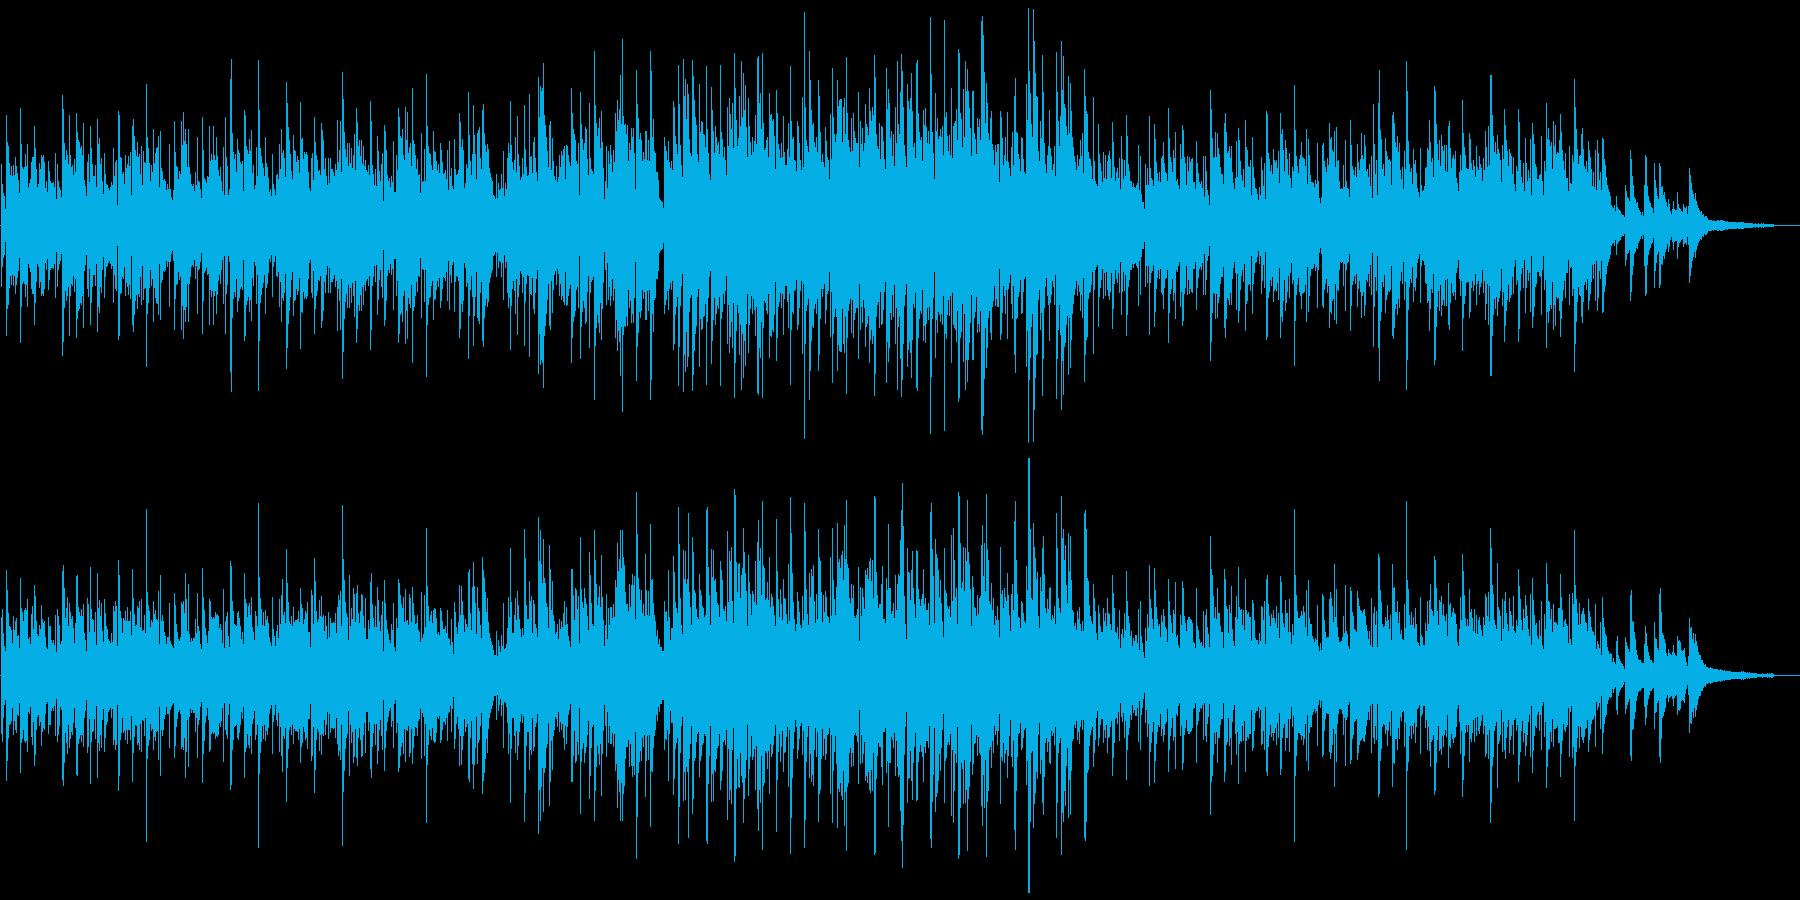 ピアノの旋律が美しいイージーリスニングの再生済みの波形